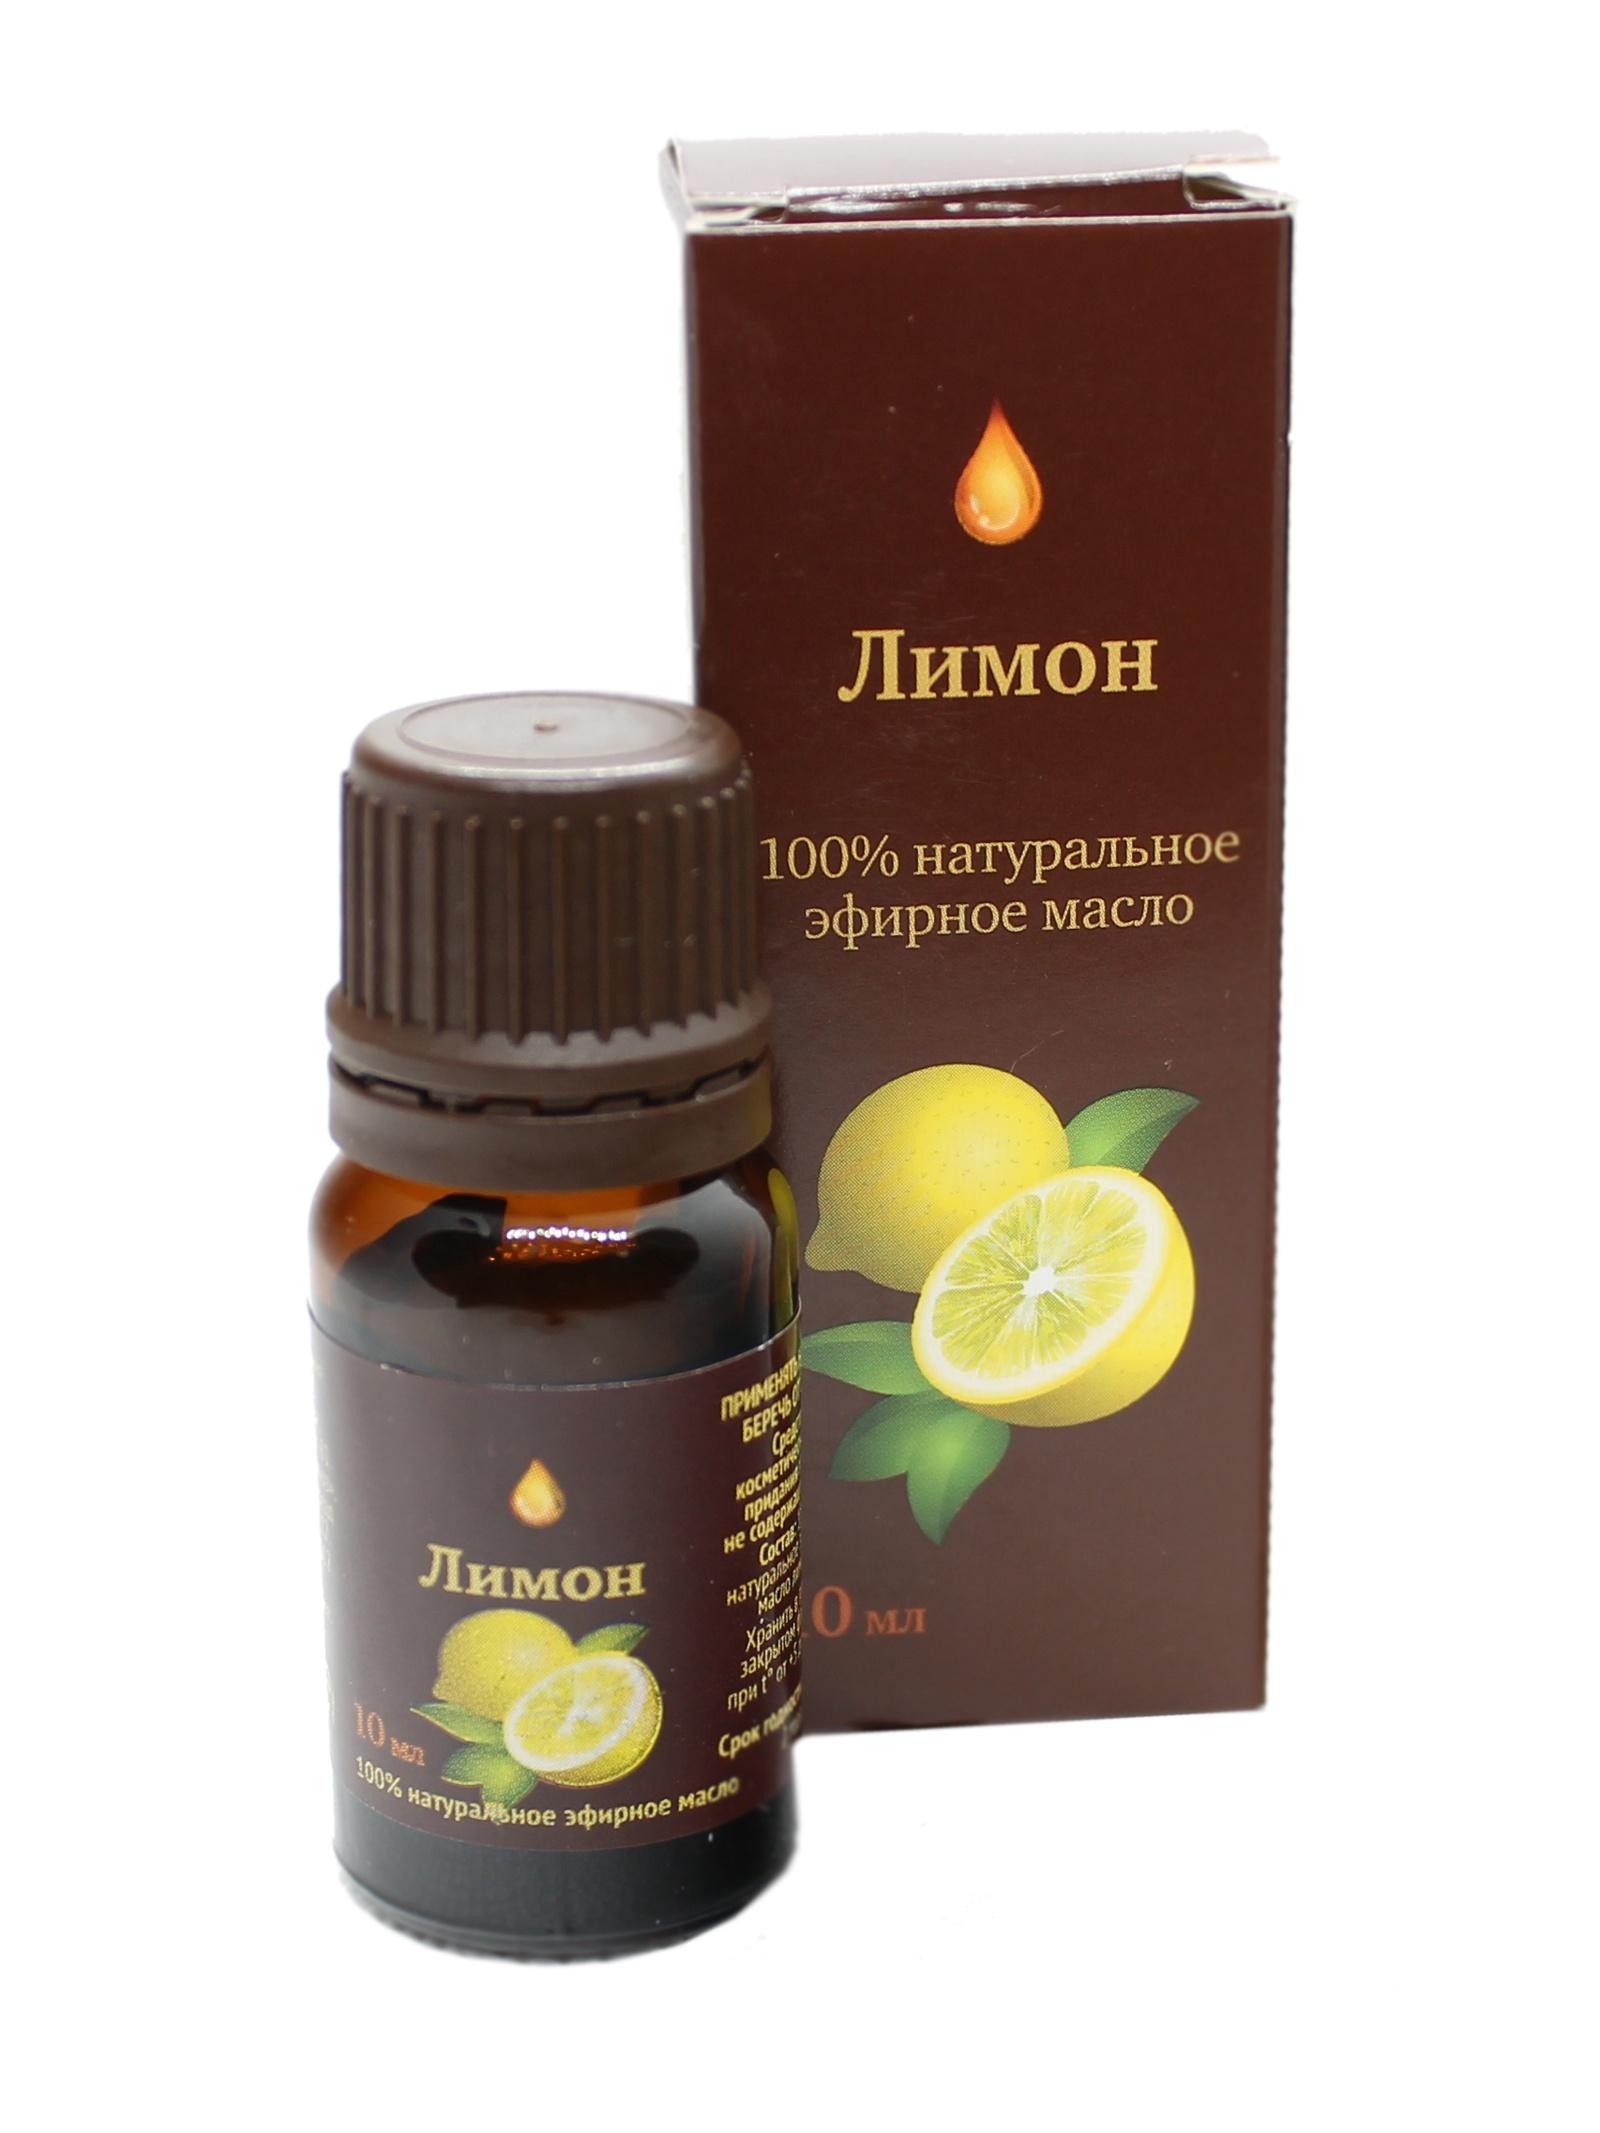 Эфирное масло Аптечный союз Лимон 10мл лимон масло эфирное 10мл